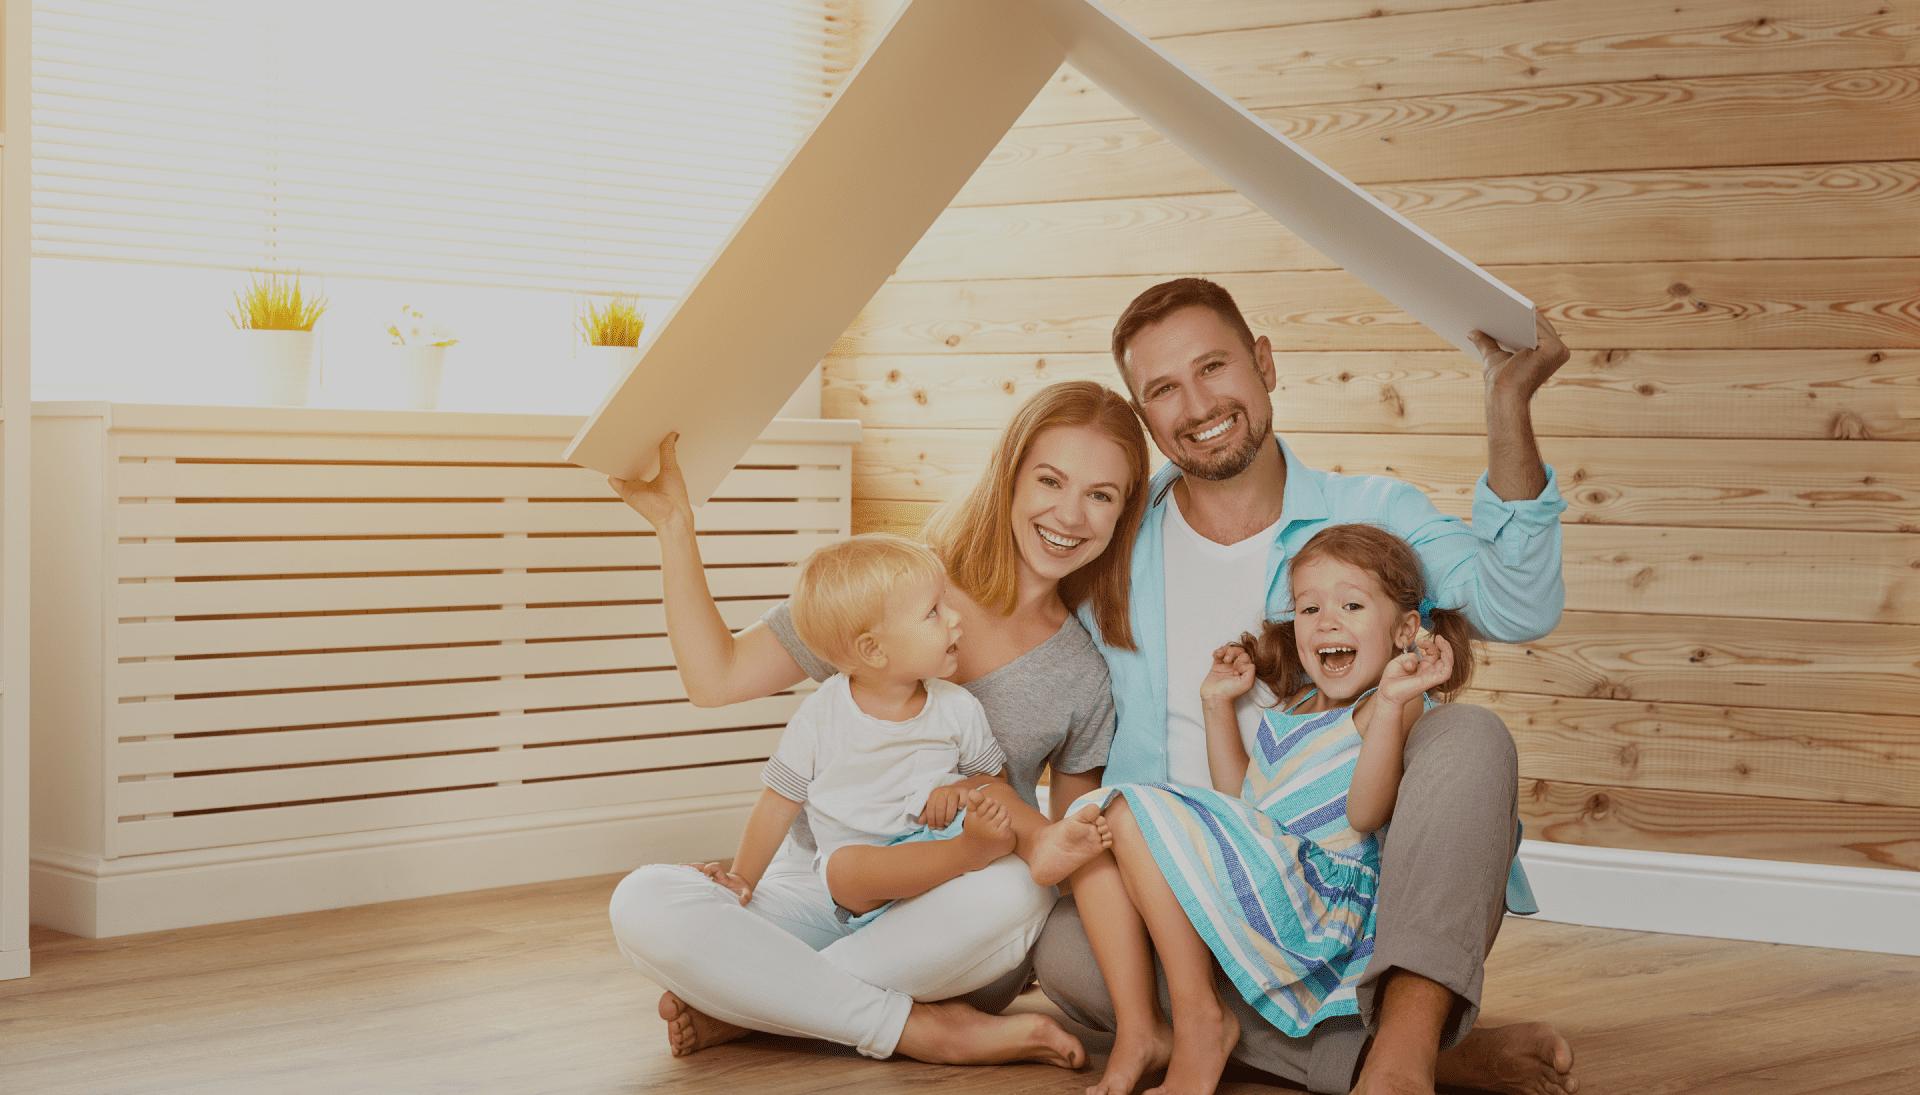 famille bonheur rires toit isolation travaux